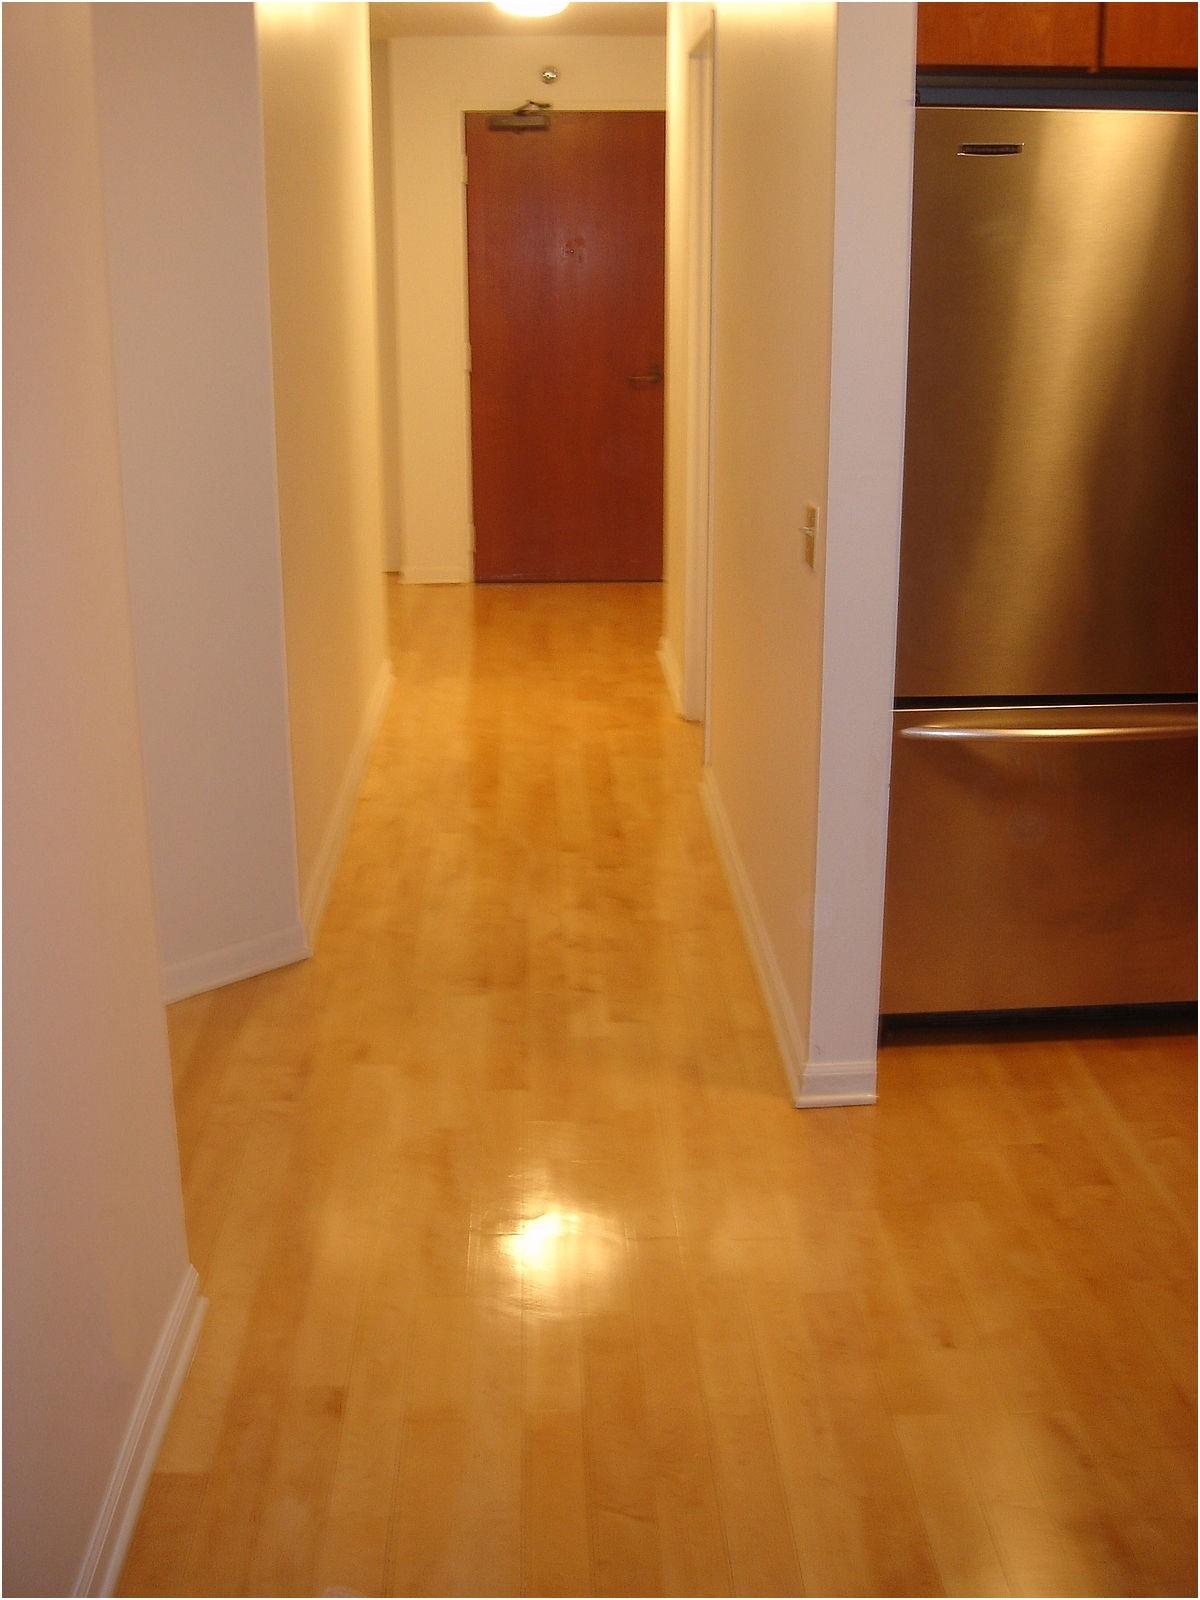 cleaning luxury vinyl plank flooring galerie best way to clean vinyl plank floors luxury floor a